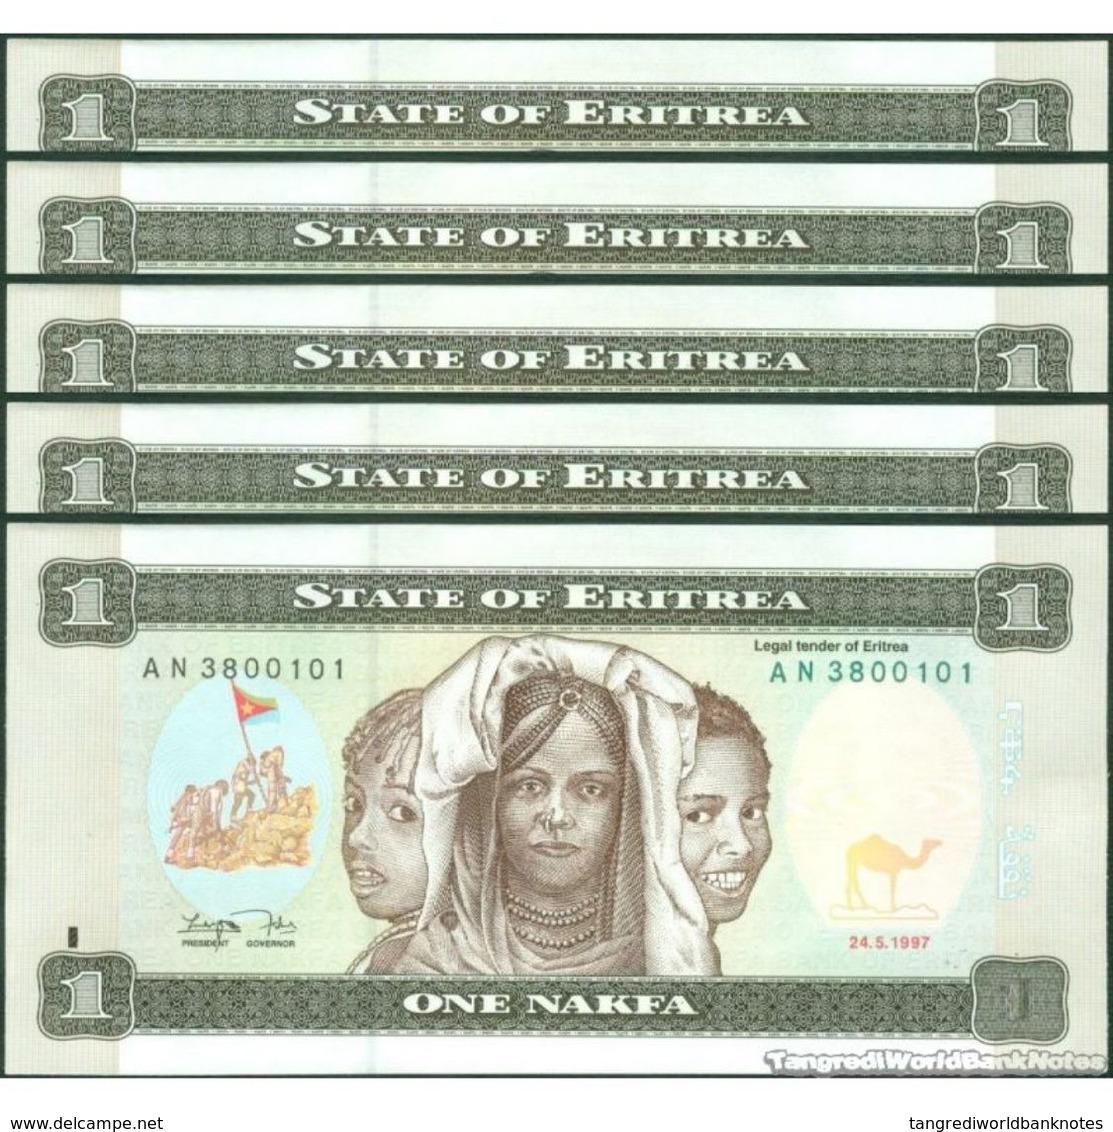 TWN - ERITREA 1 - 1 Nakfa 24.5.1997 DEALERS LOT X 5 - Prefix AN UNC - Erythrée